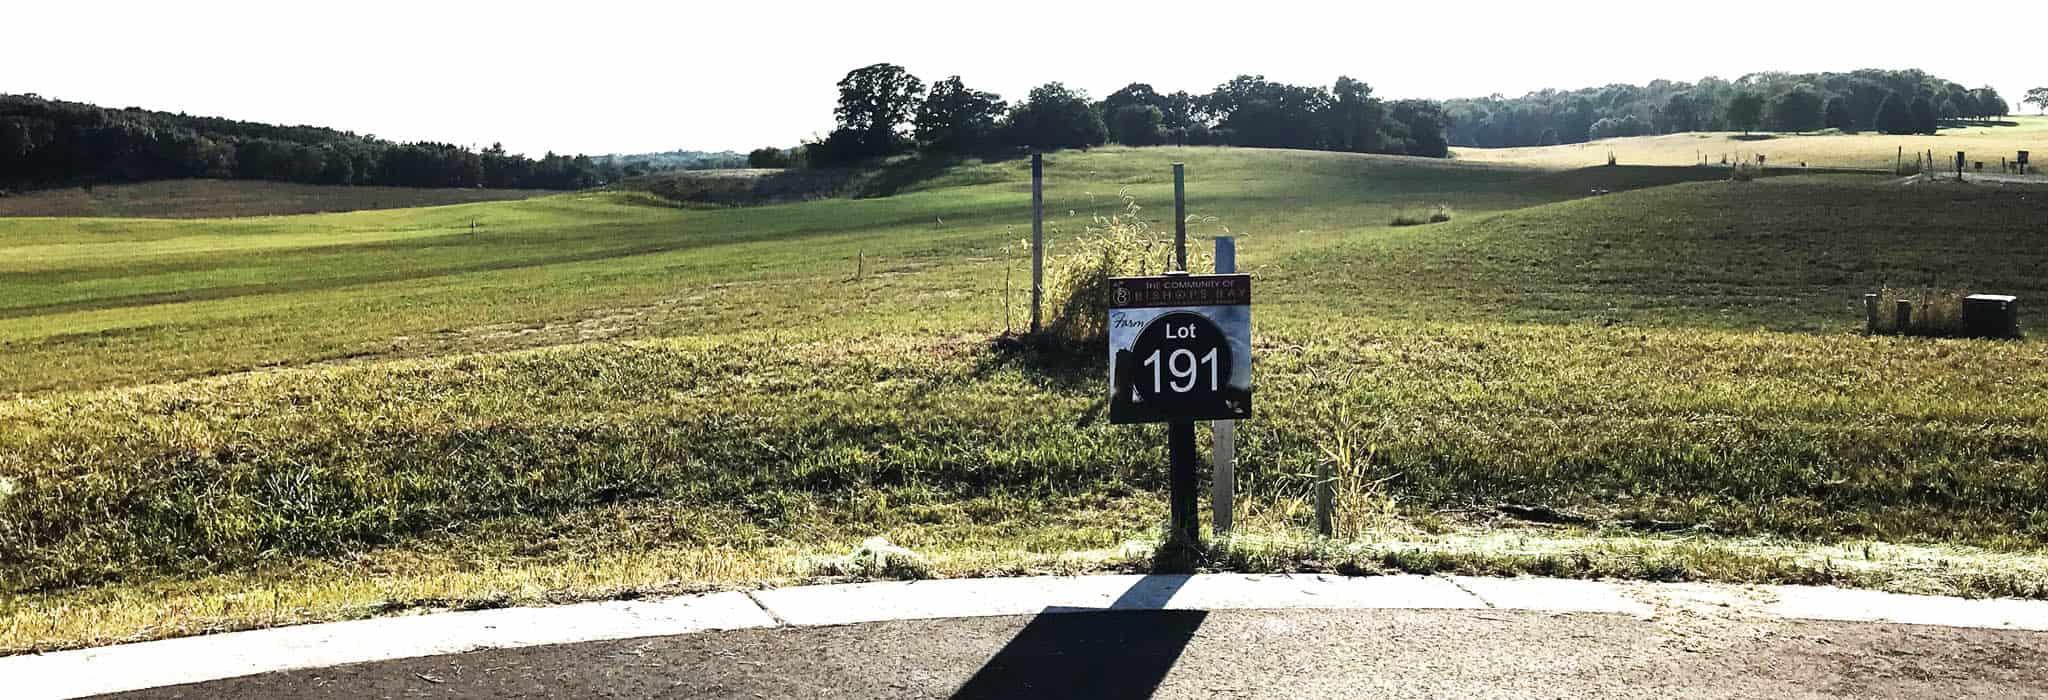 Farm Lot 191